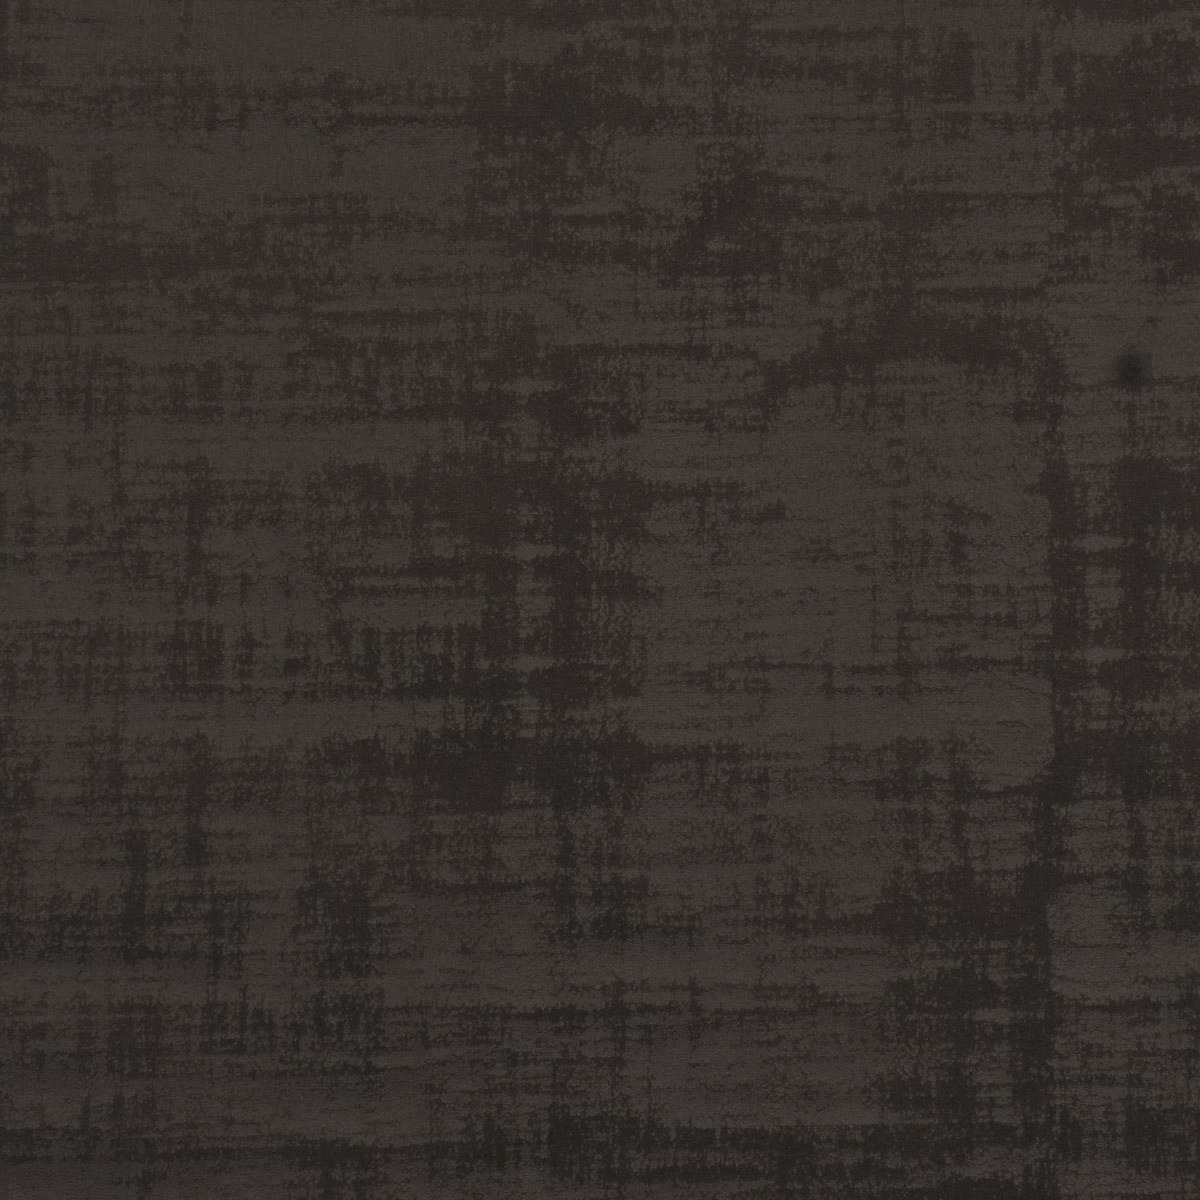 Samtstoff Dekostoff Velvet Marble Samt mit Struktur uni taupe braun 1,40m Breite